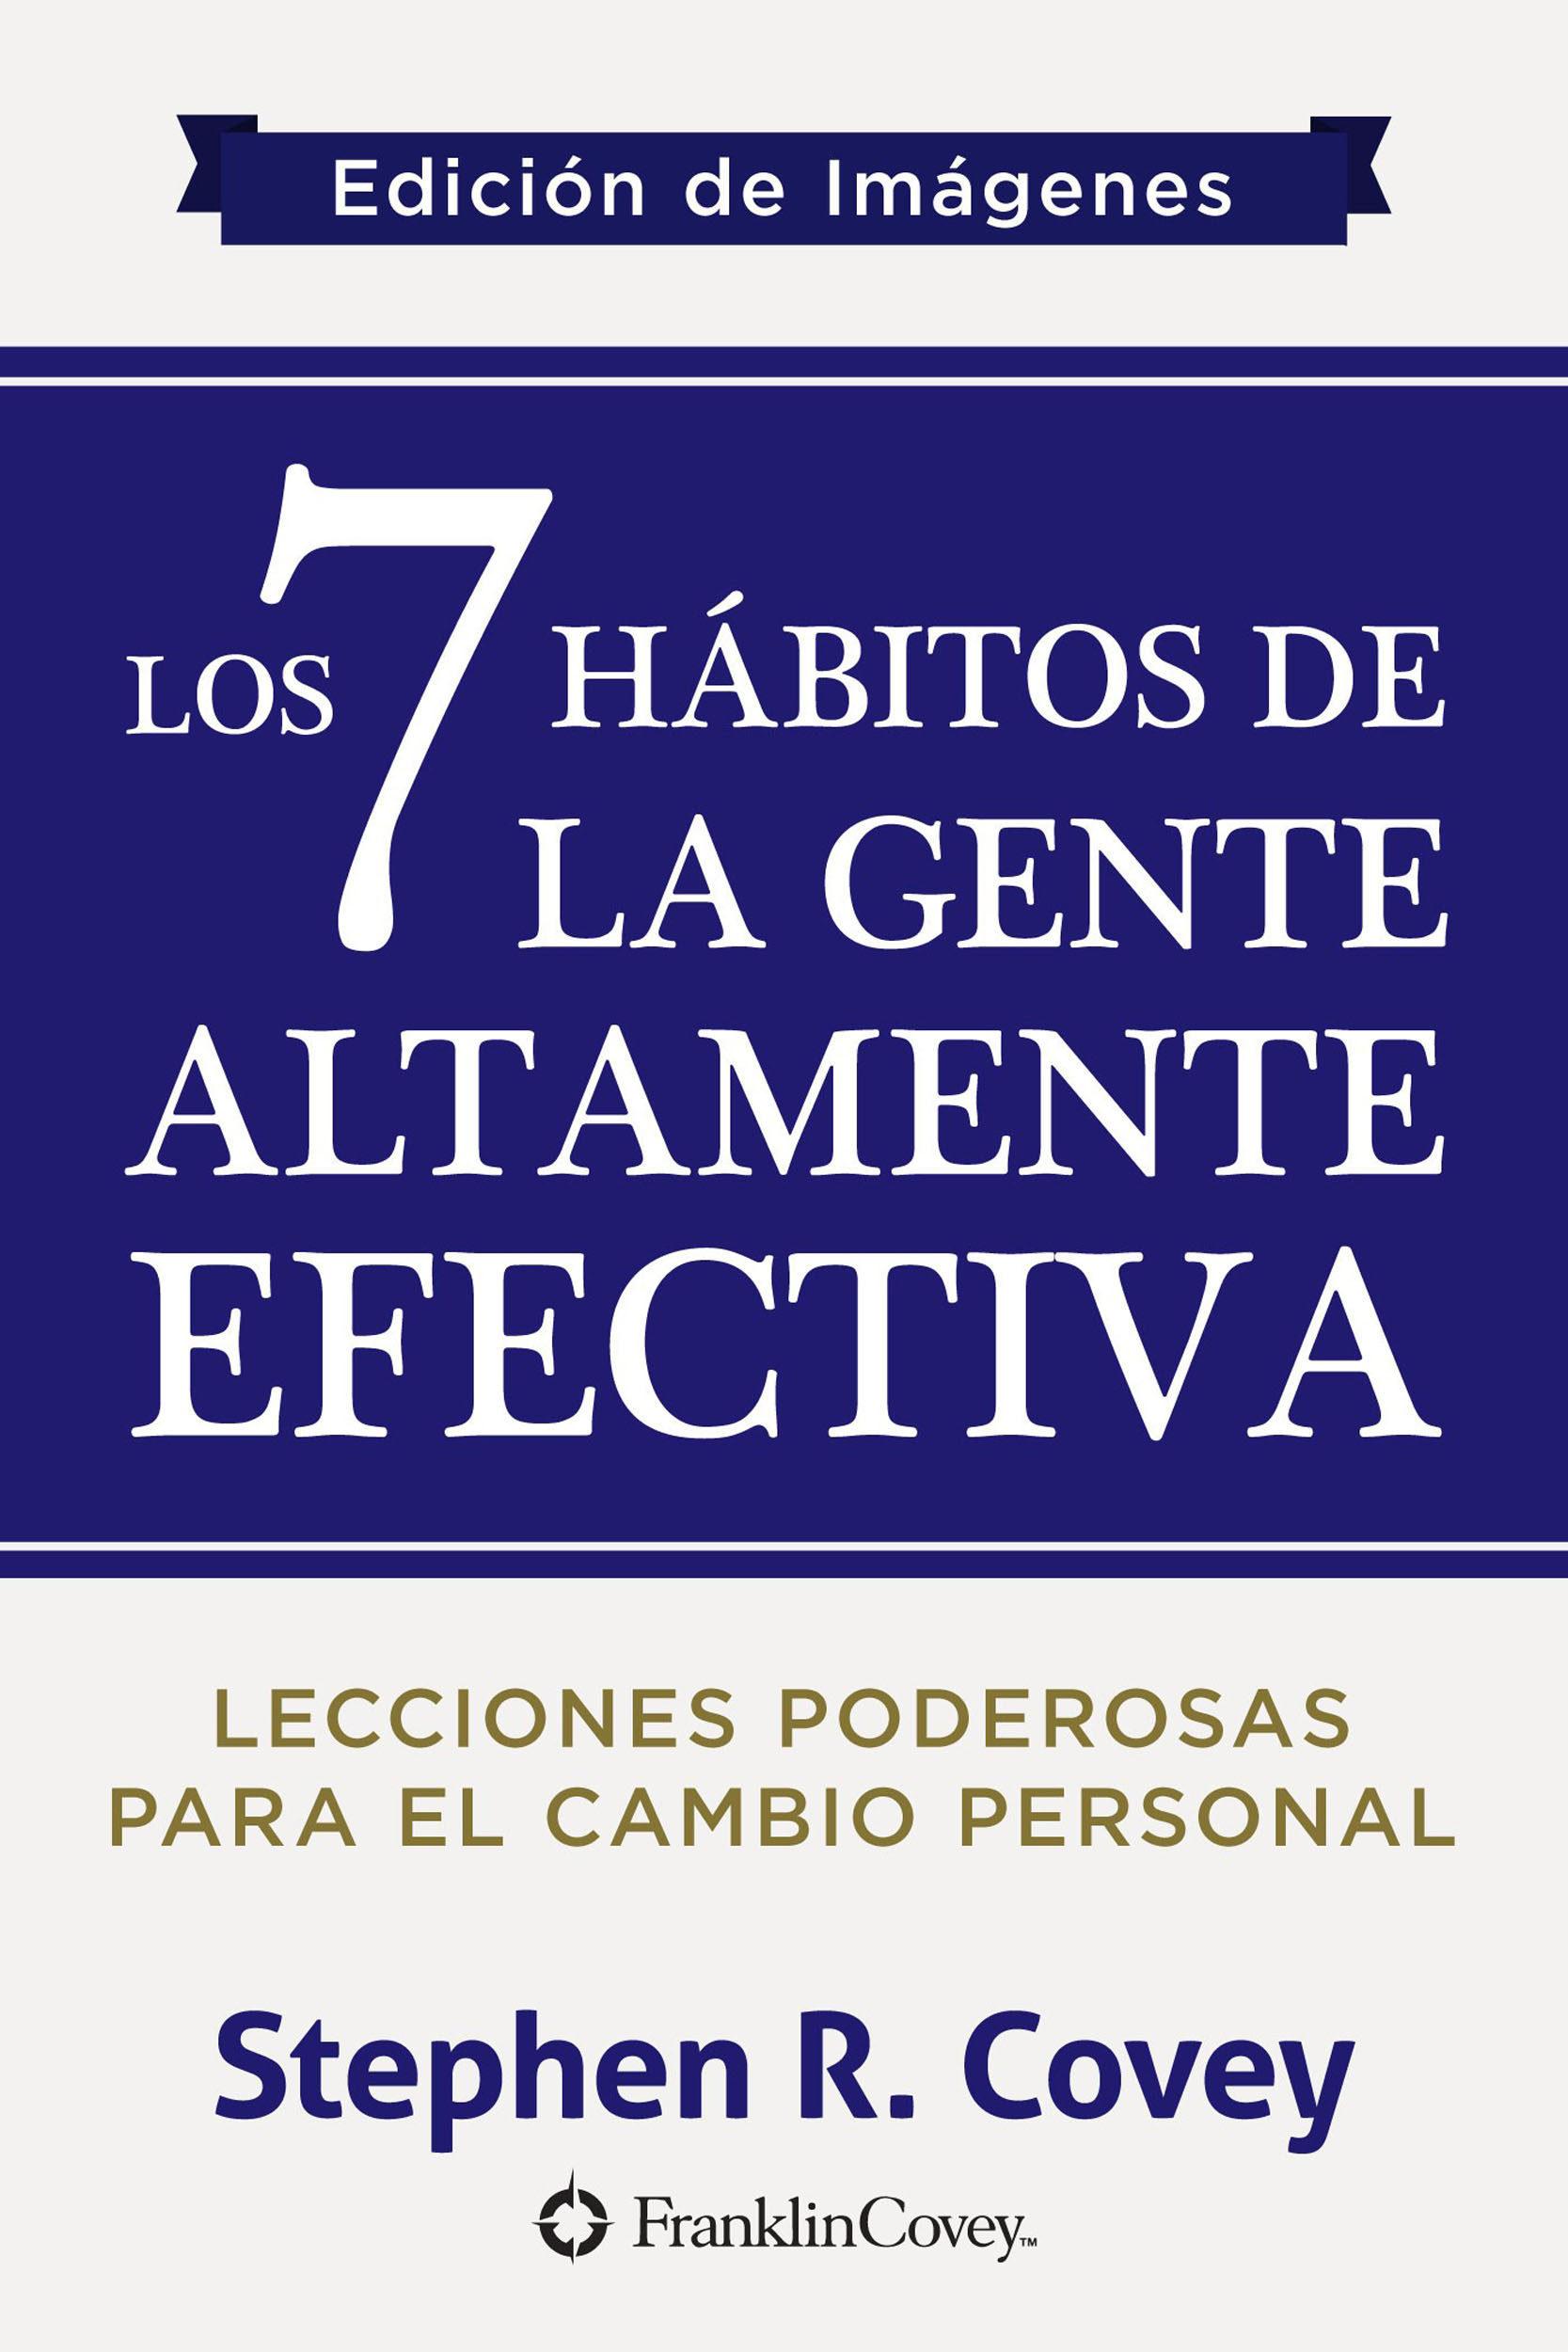 los siete habitos de la gente altamente efectiva pdf